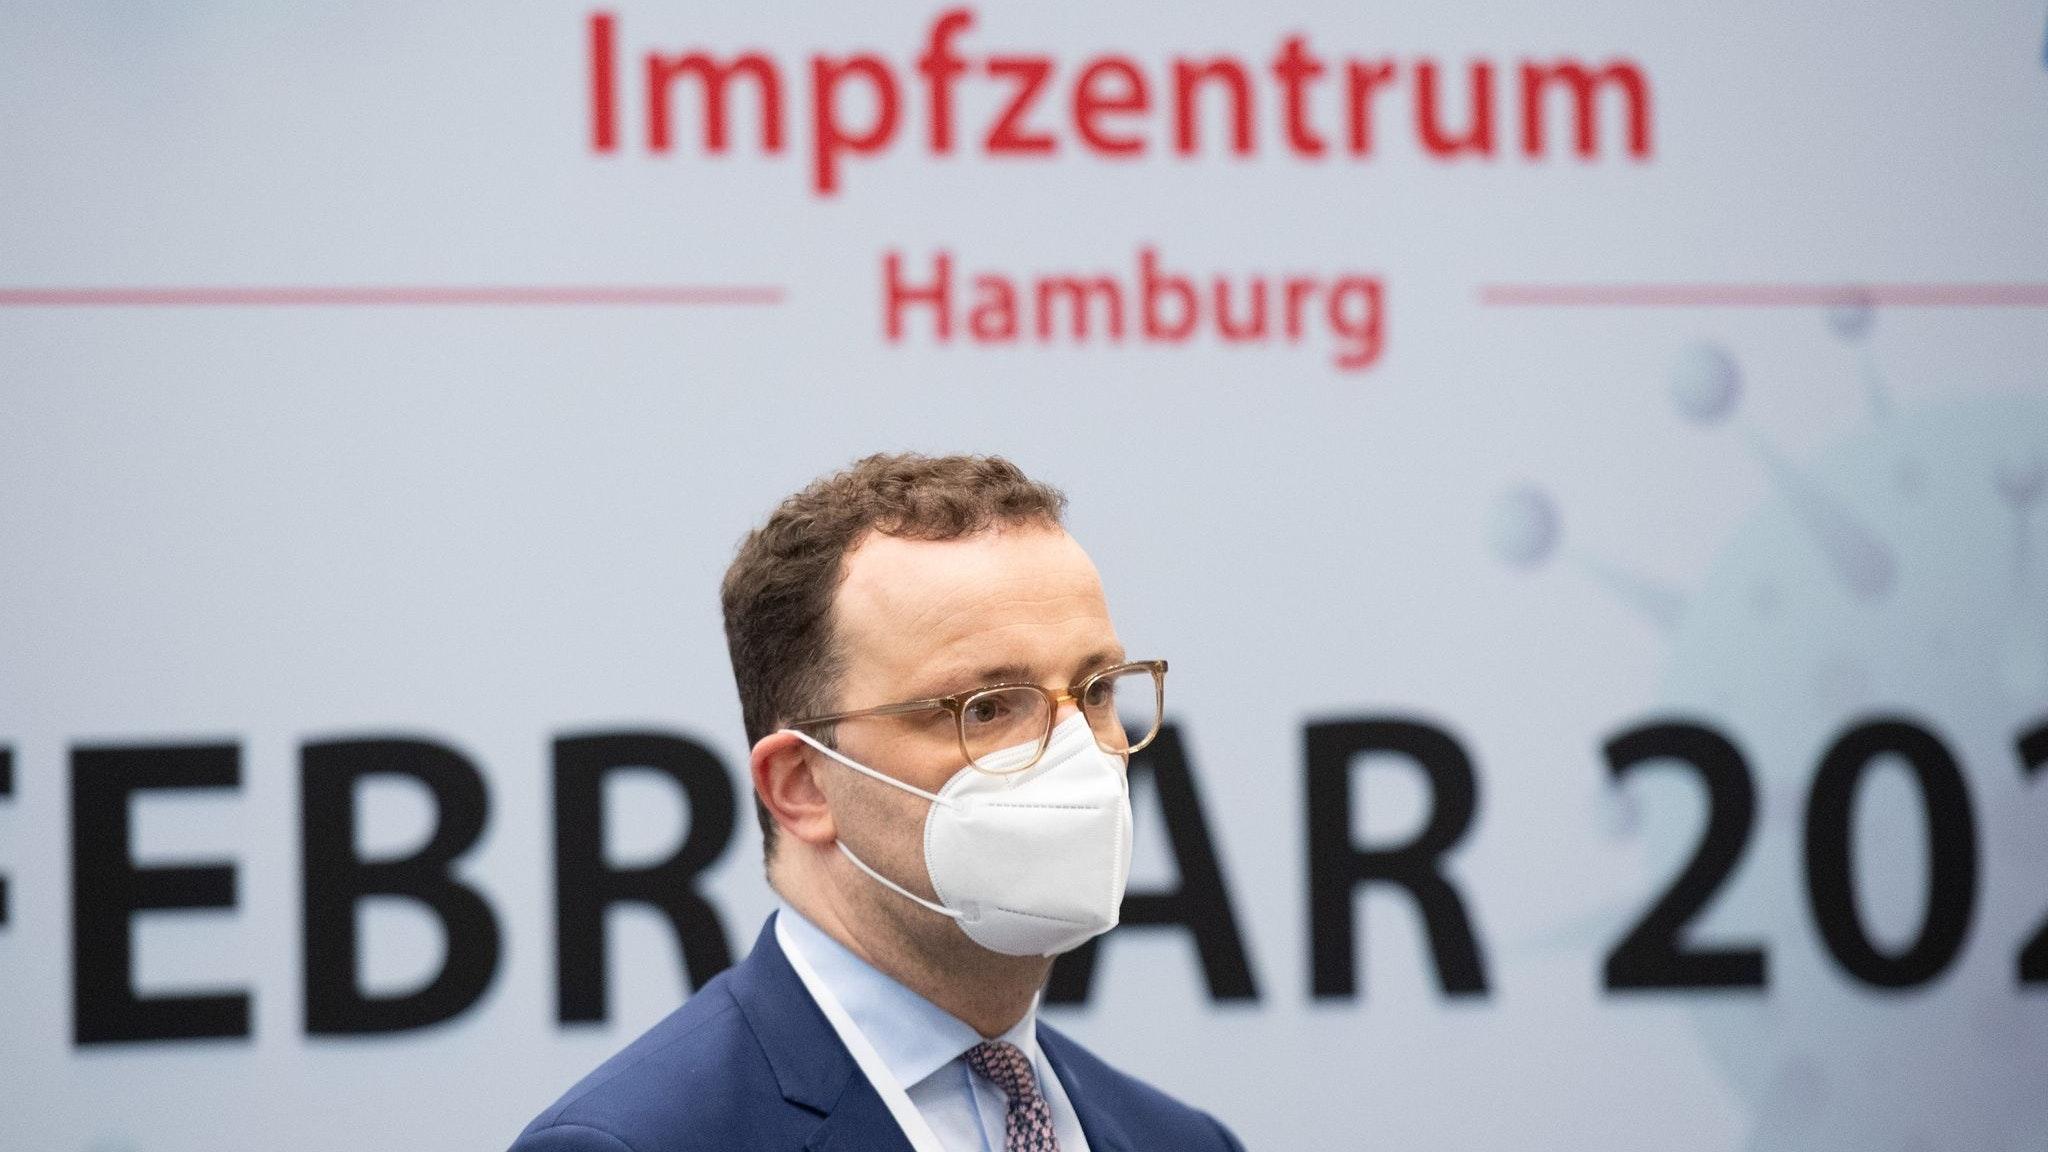 """""""Innerhalb der EU wird das Reisen voraussichtlich nicht von der Impfung abhängig sein"""", sagt Bundesgesundheitsminister Jens Spahn (CDU). Foto: dpa"""